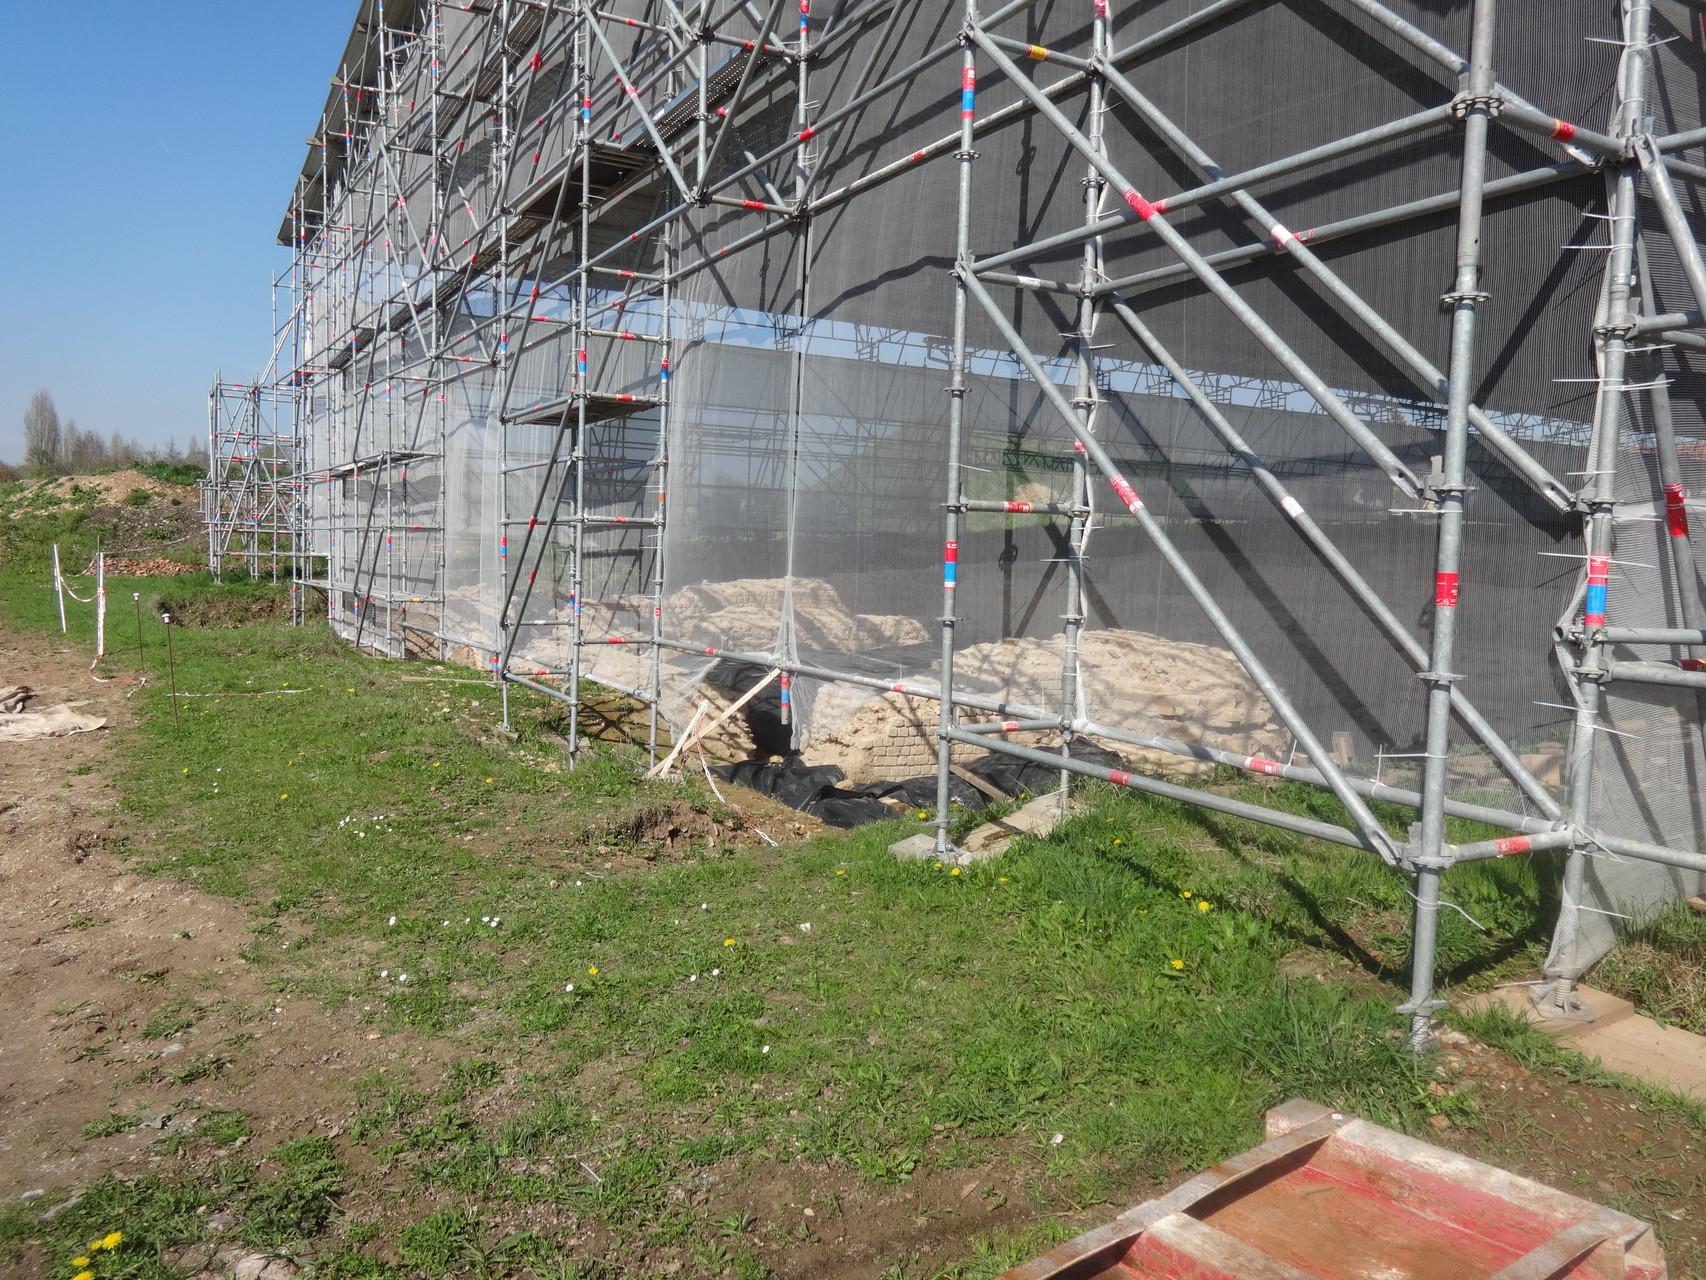 Les fouilles continuent ... chantier en cours